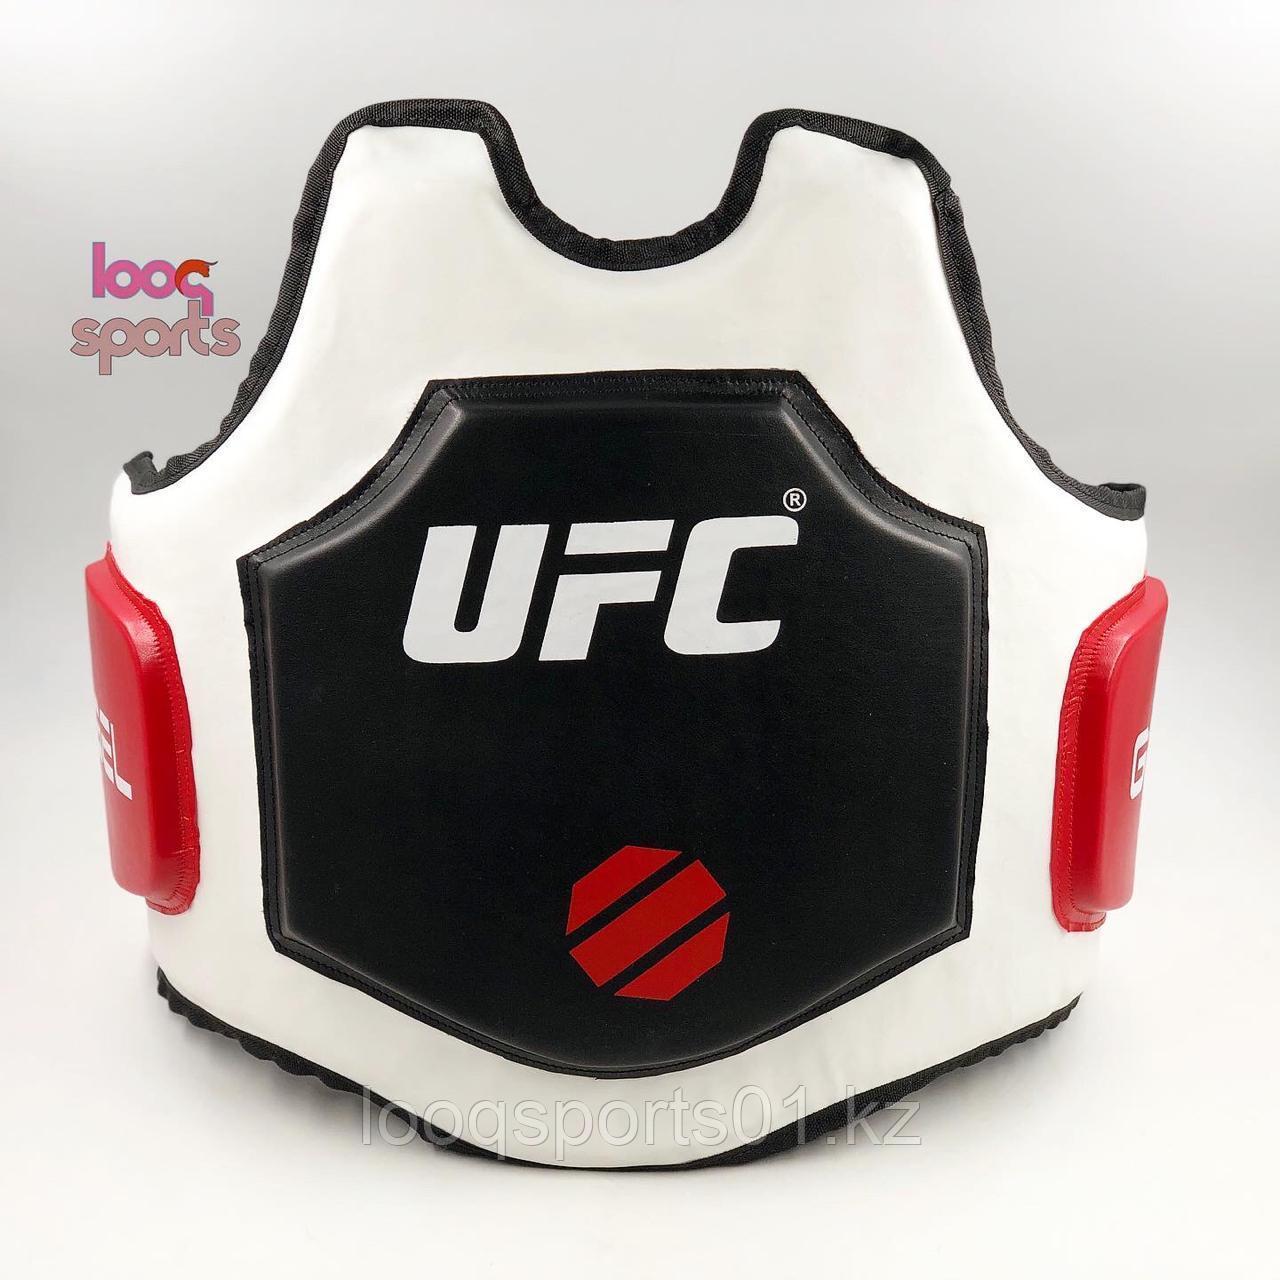 Защита корпуса пояс тренера для бокса (тренерский жилет)